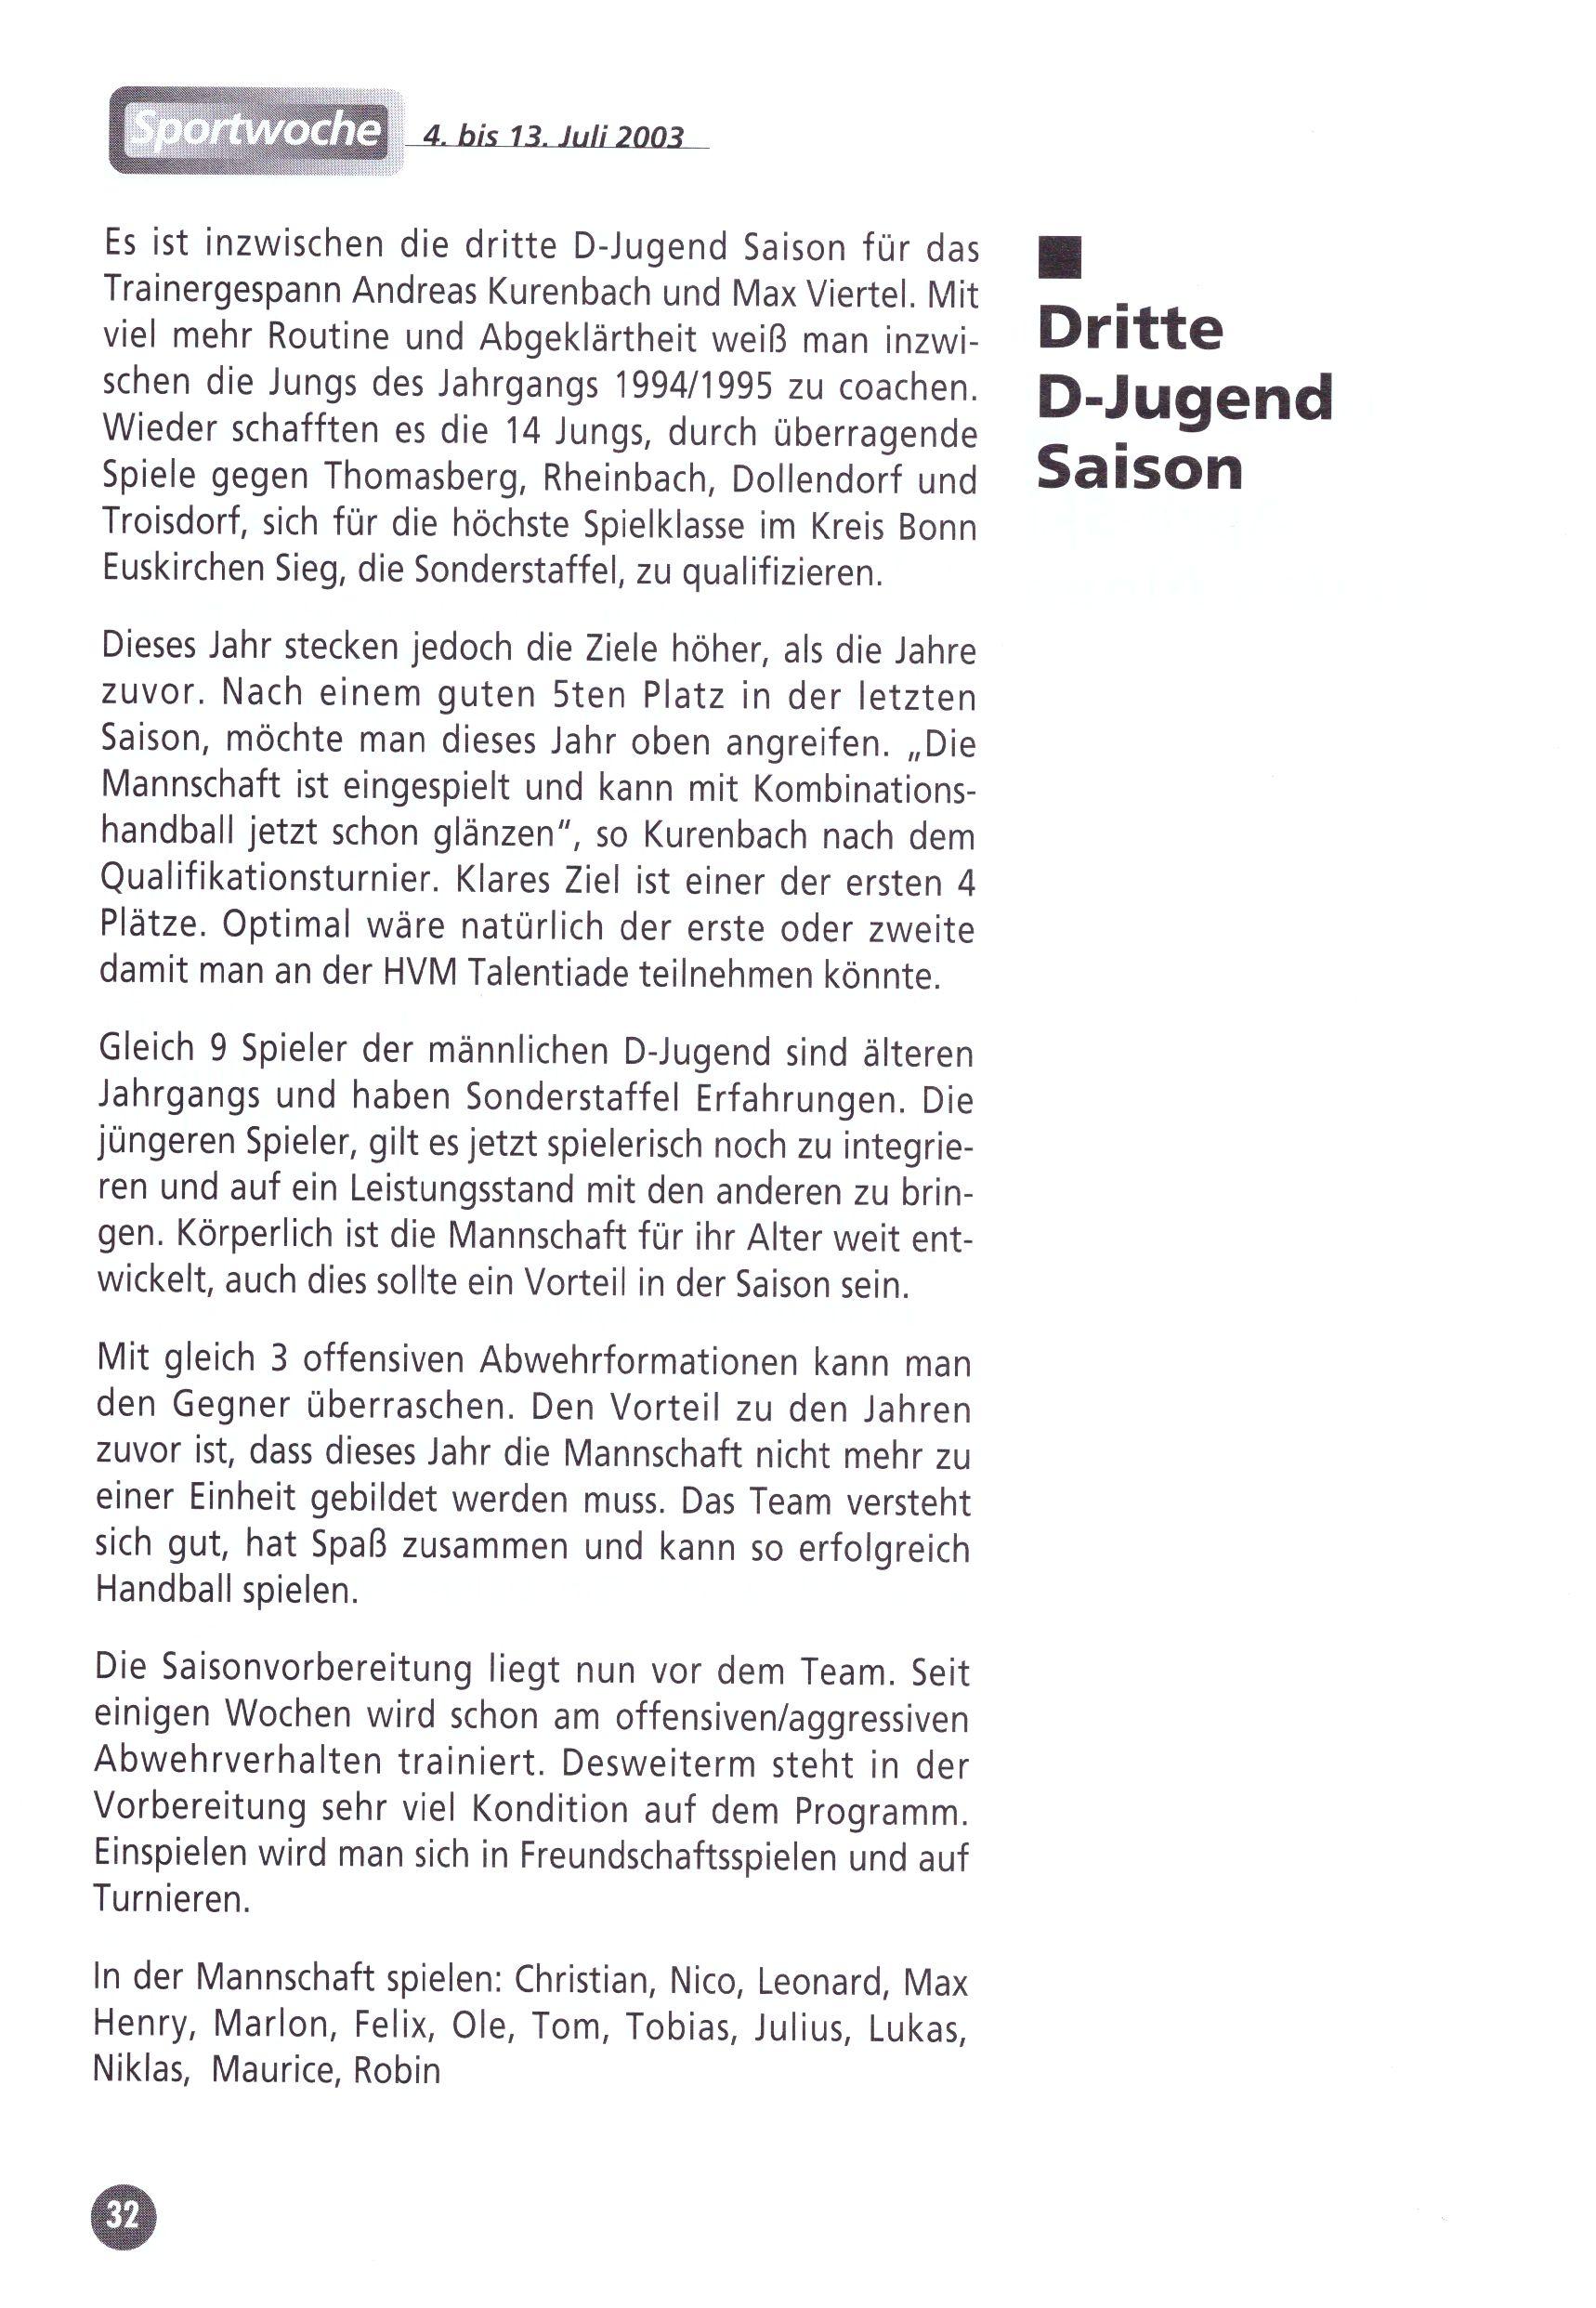 Groß Modebranche Wieder Ziele Bilder - Beispiel Business Lebenslauf ...